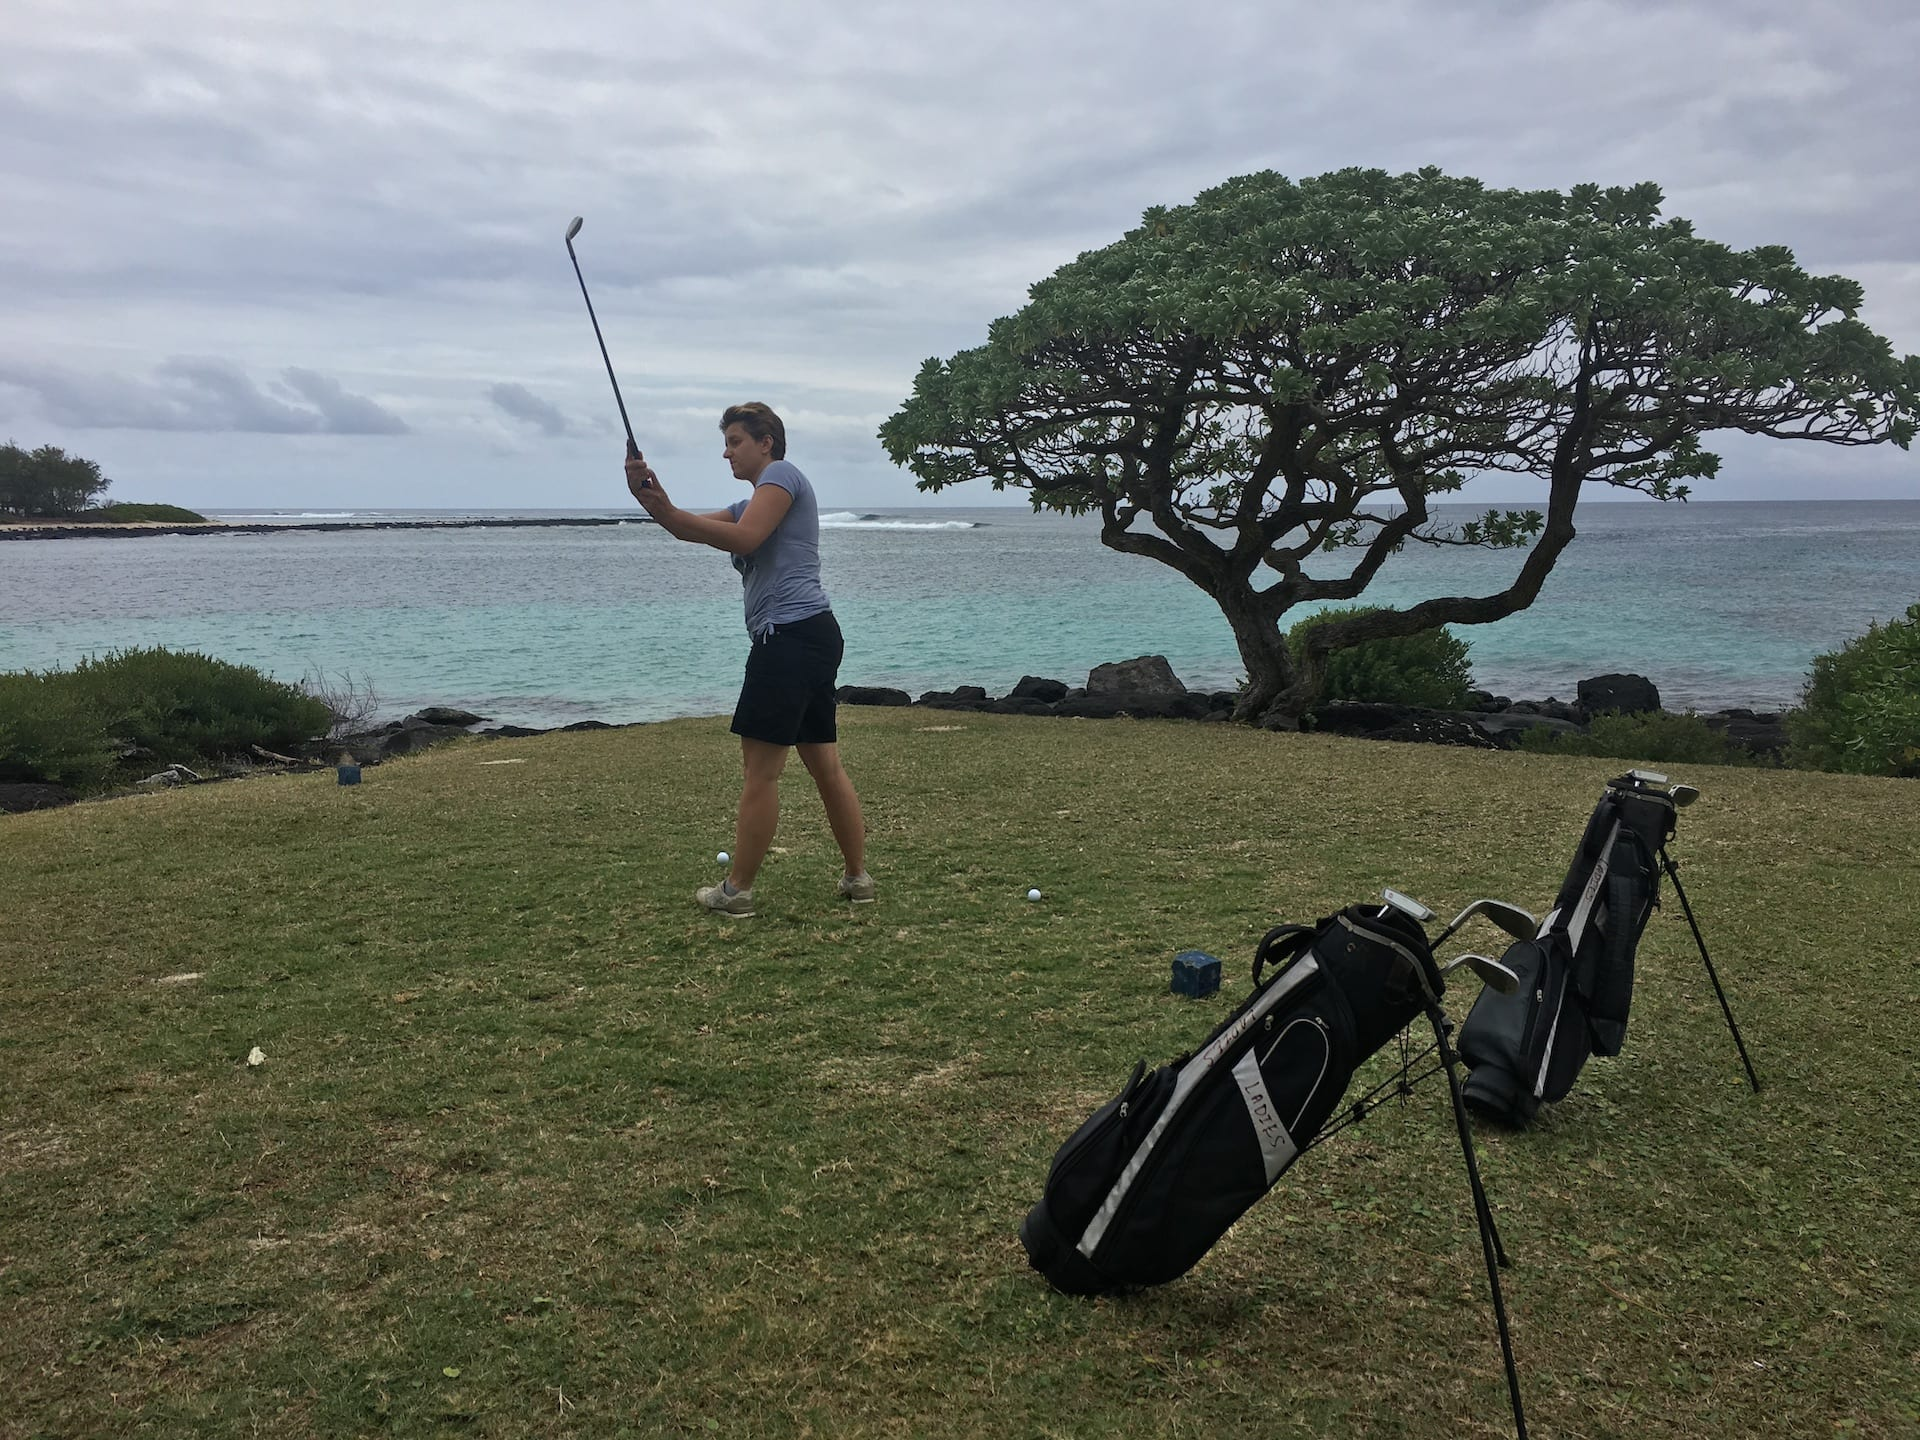 ACTIEF - ALGEMEEN - MRU - golf - IMG_8878